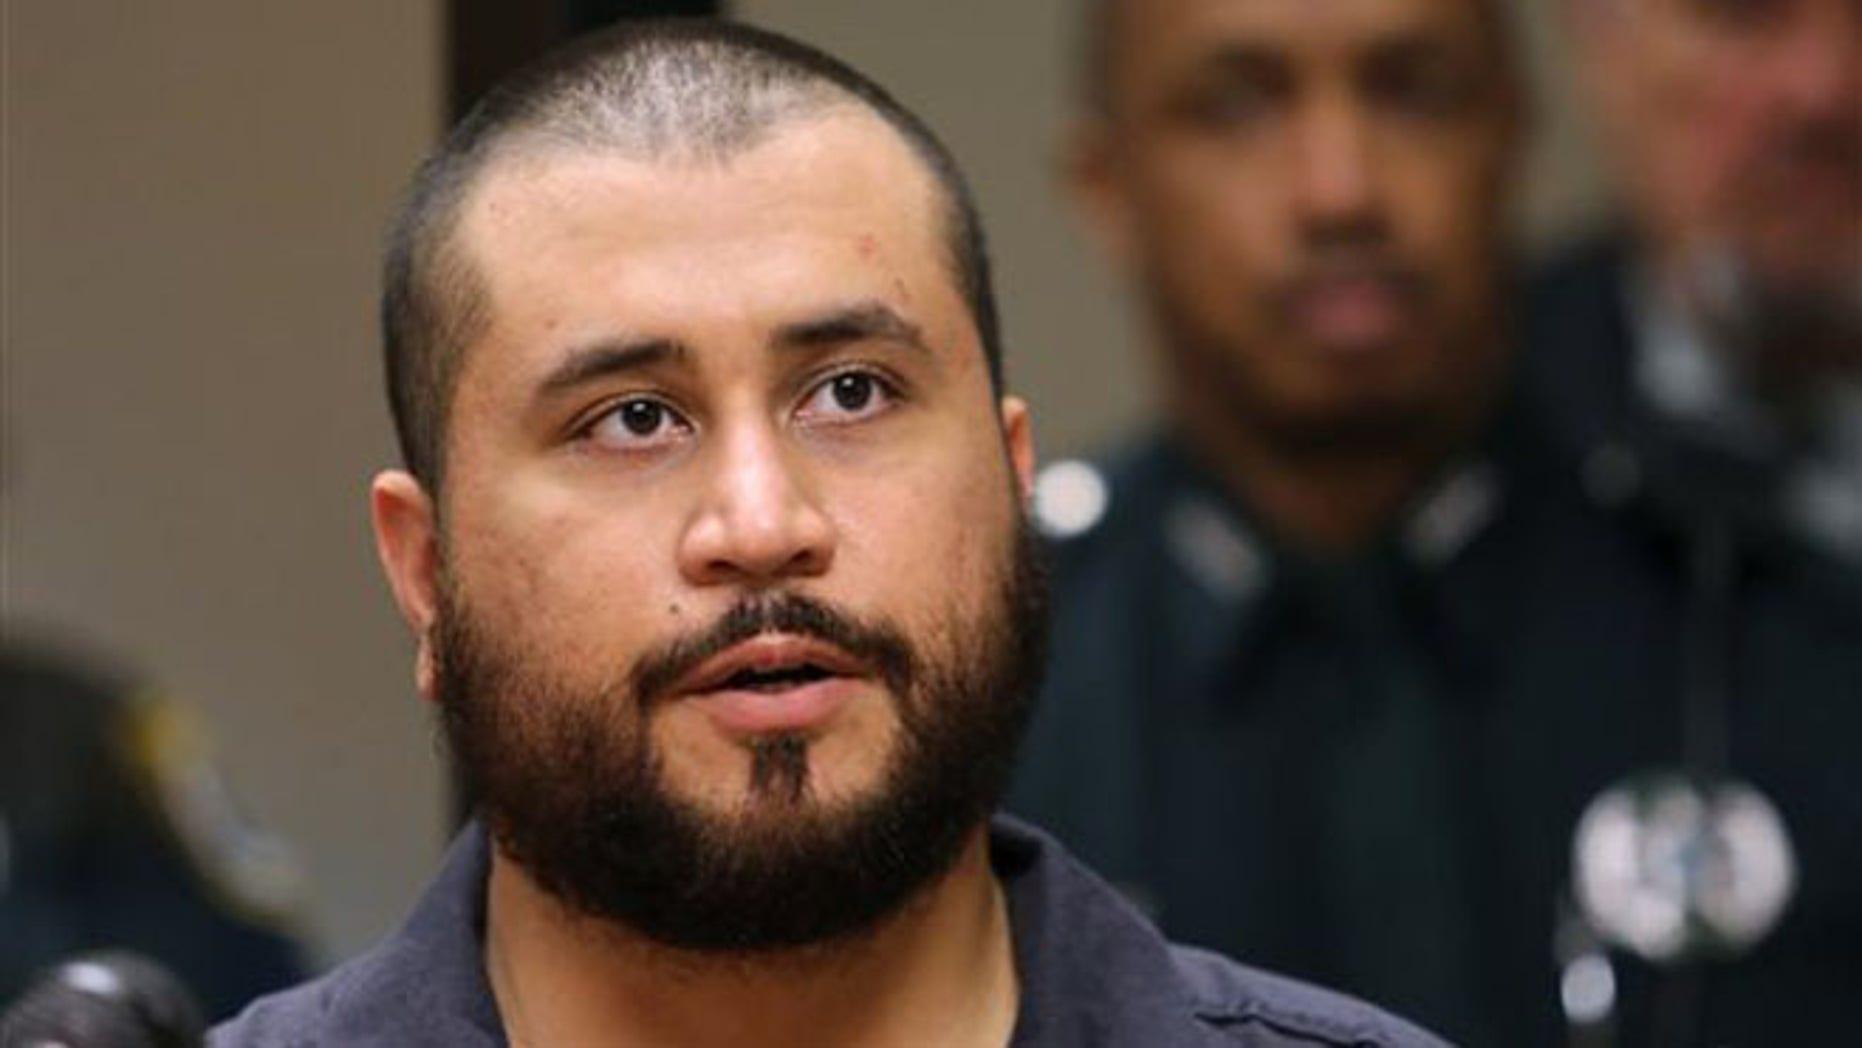 George Zimmerman in court Nov. 19,  2013, in Sanford, Florida.